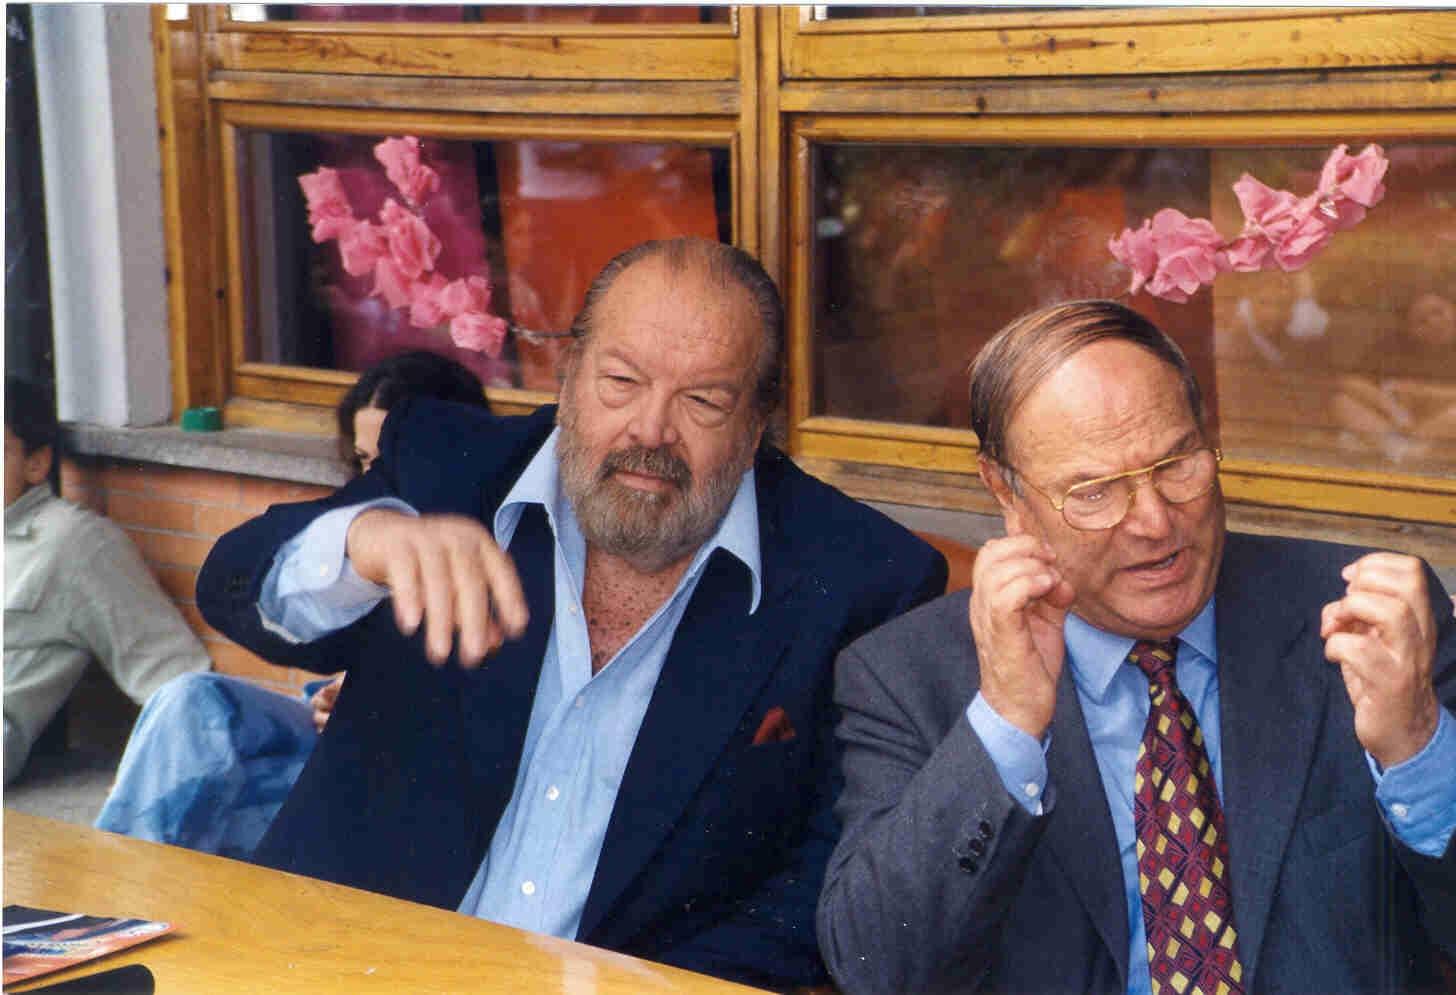 Da sinistra Bud Spencer e l'avv. Giuseppe Castronovo, Presidente della IAPB Italia onlus, che ha promosso la campagna